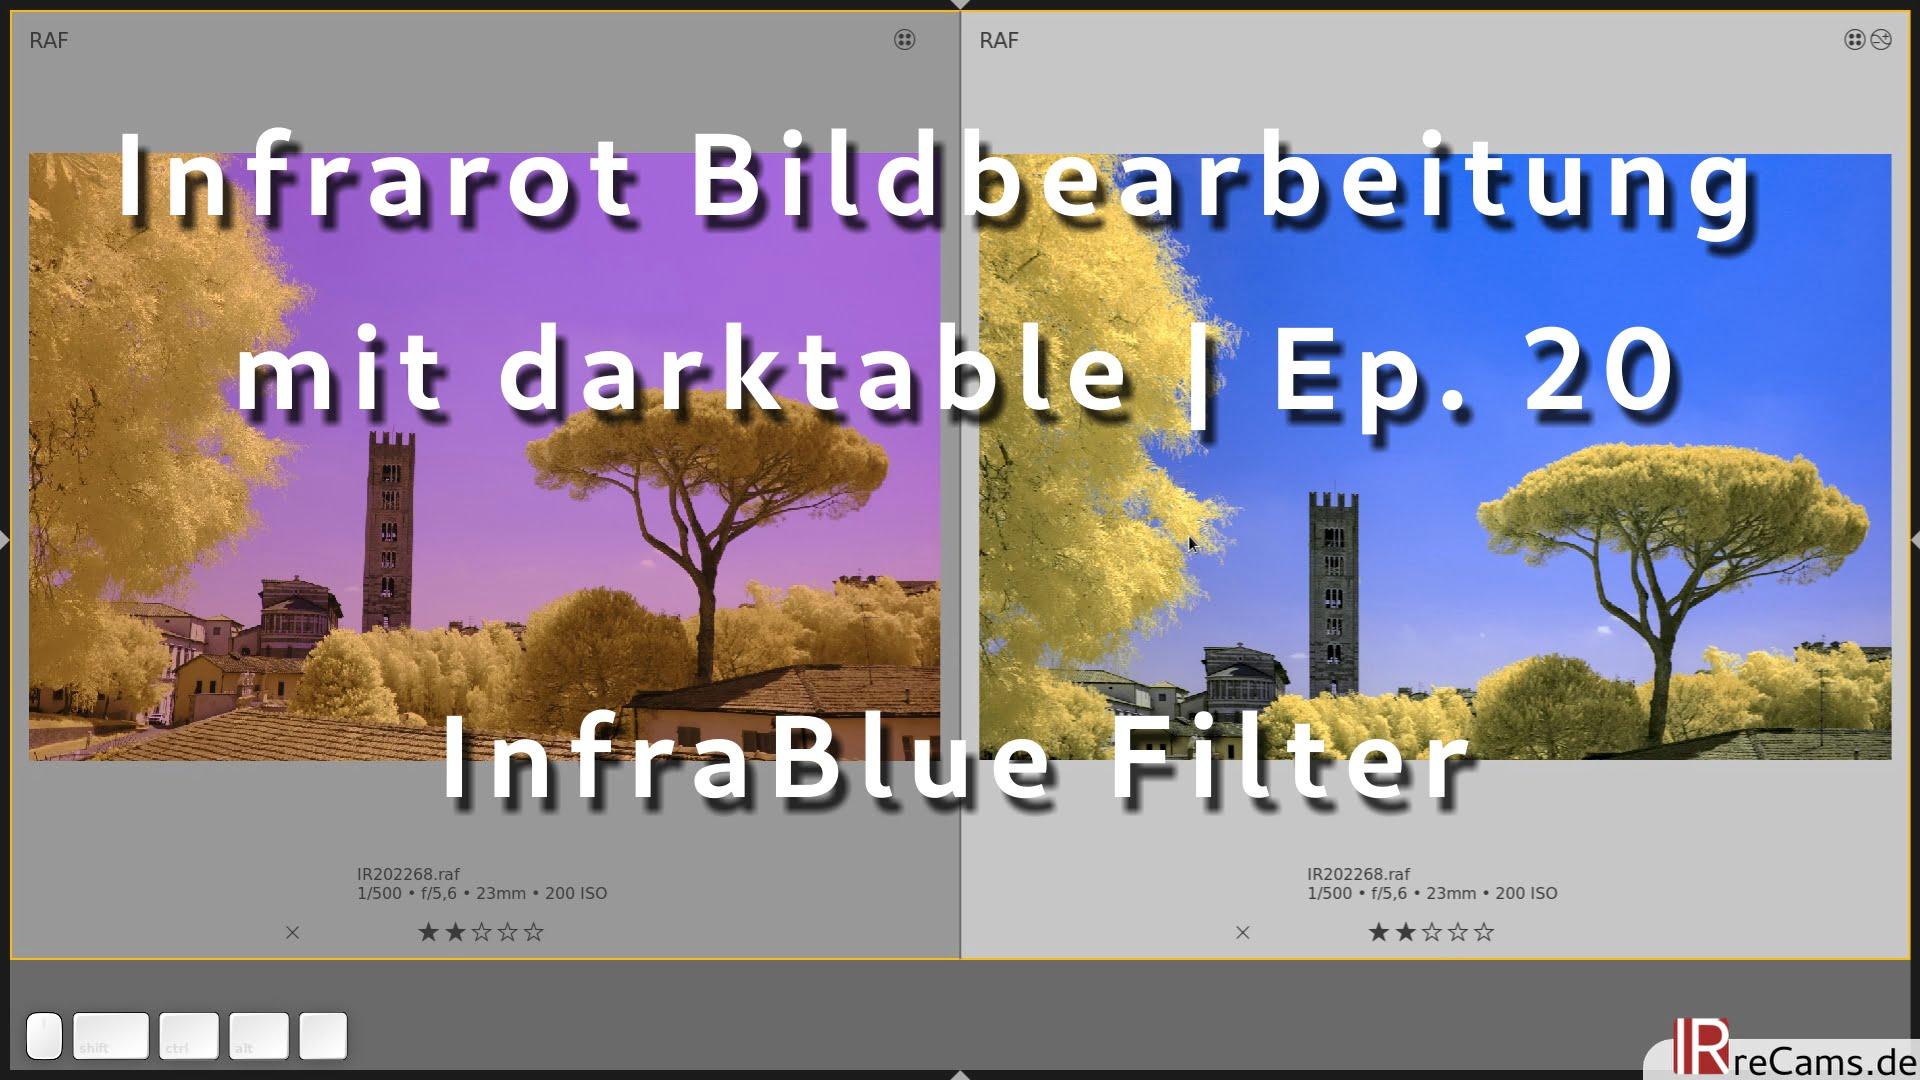 Infrarot Bildbearbeitung mit darktable | Ep. 20